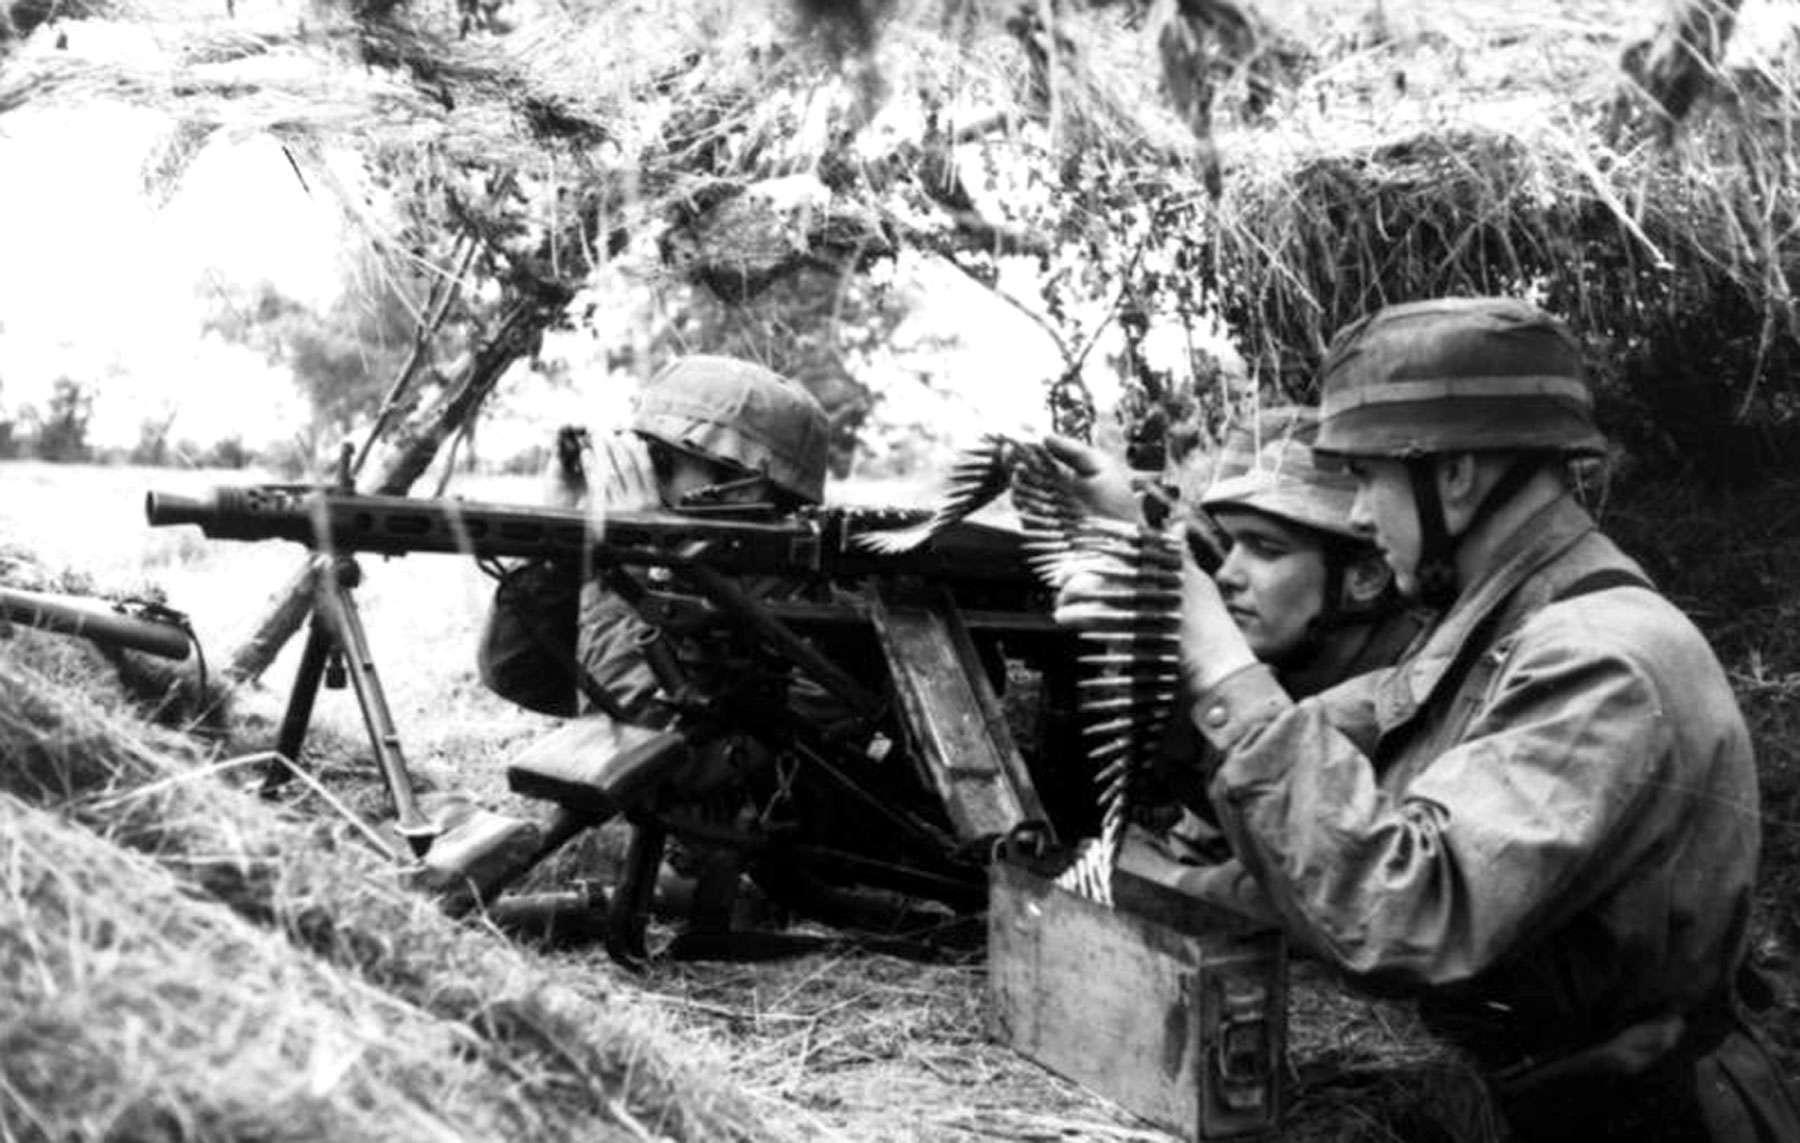 WW2 German Wehrmacht Soldiers MG-42 Gunner Picture